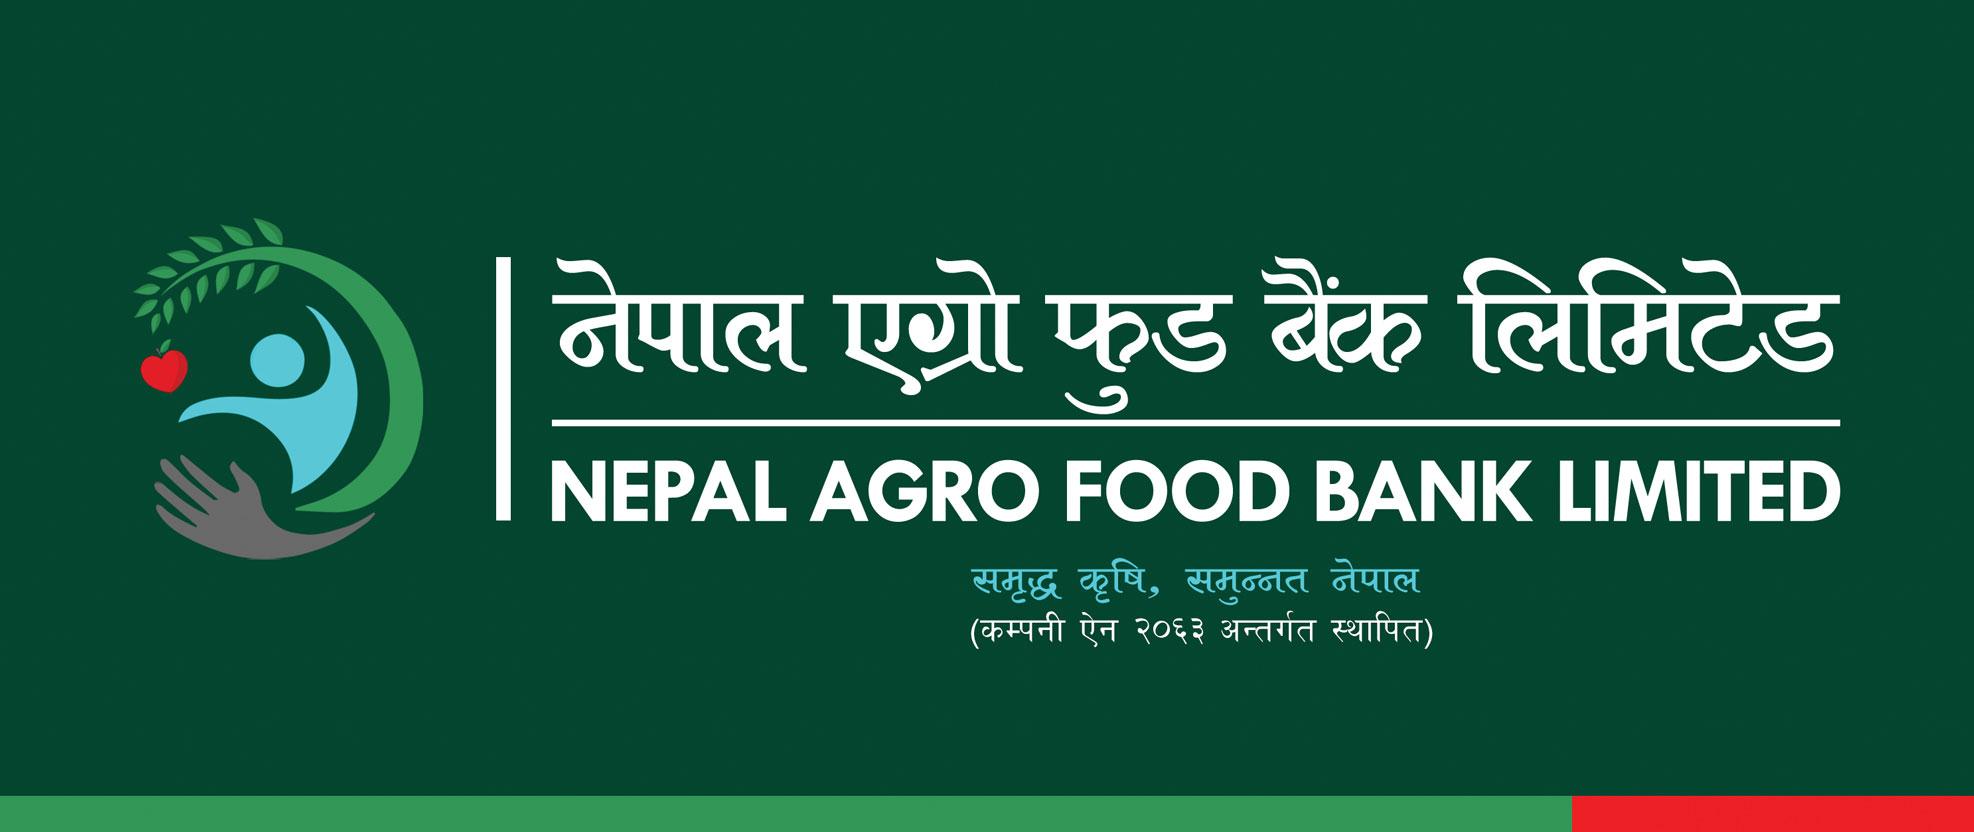 Nepal Agro Food Bank